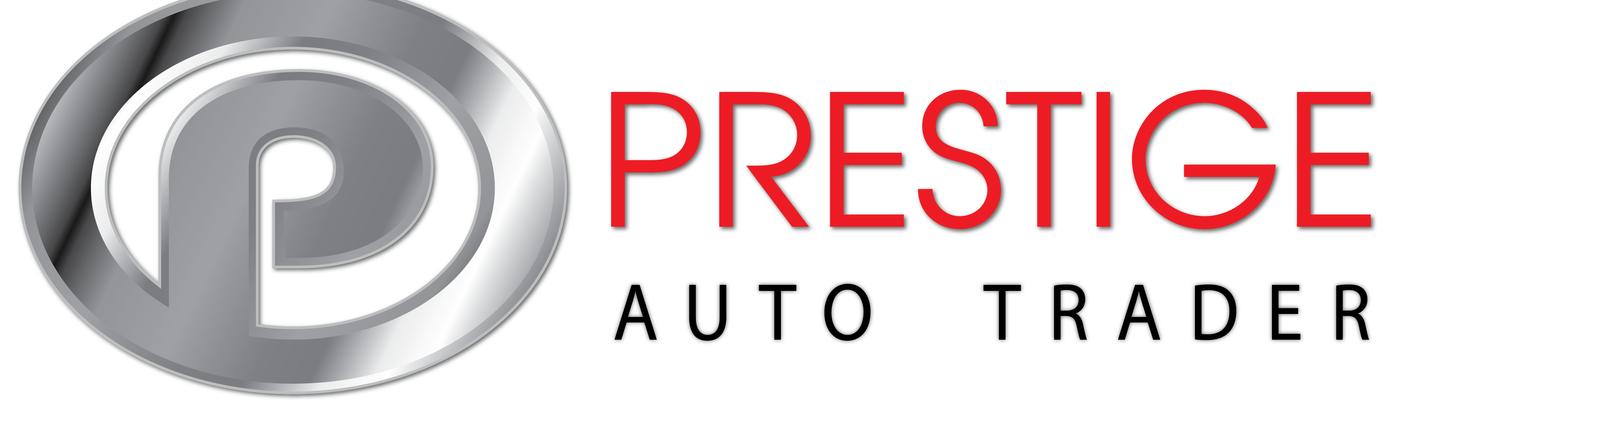 Prestige Auto Trader Group Miami Fl Read Consumer